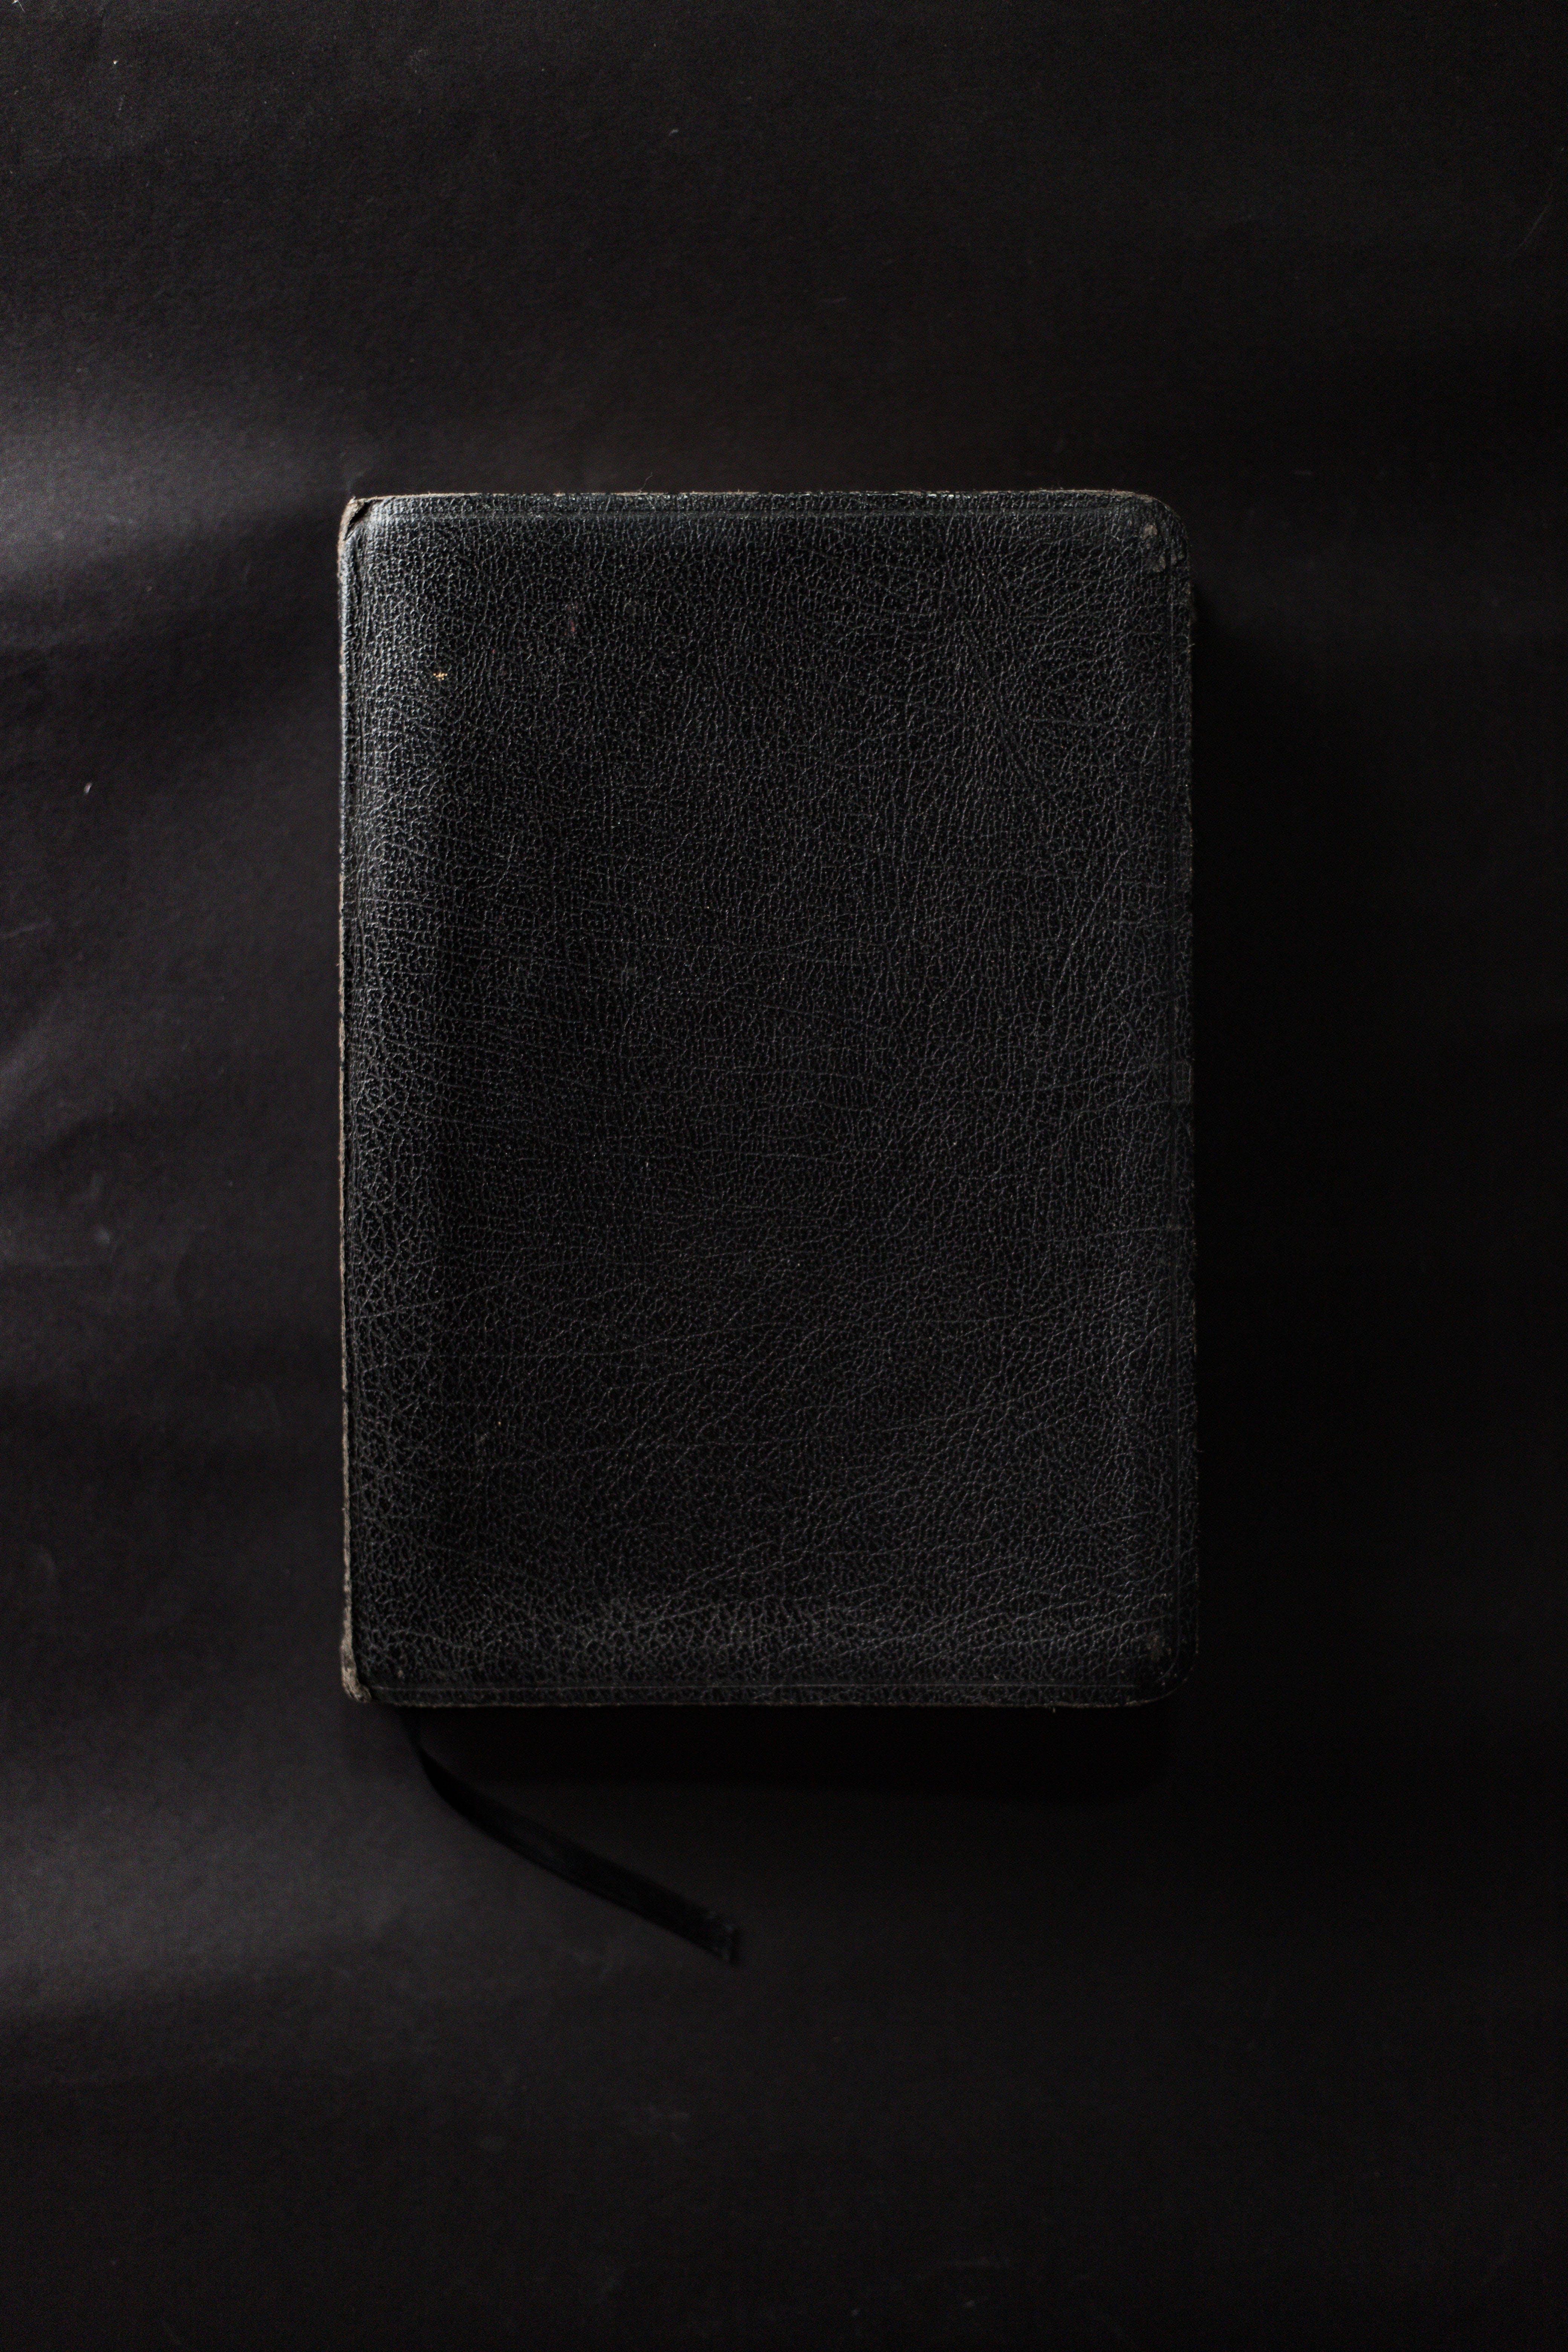 書, 皮革, 聖經, 黑色 的 免费素材照片